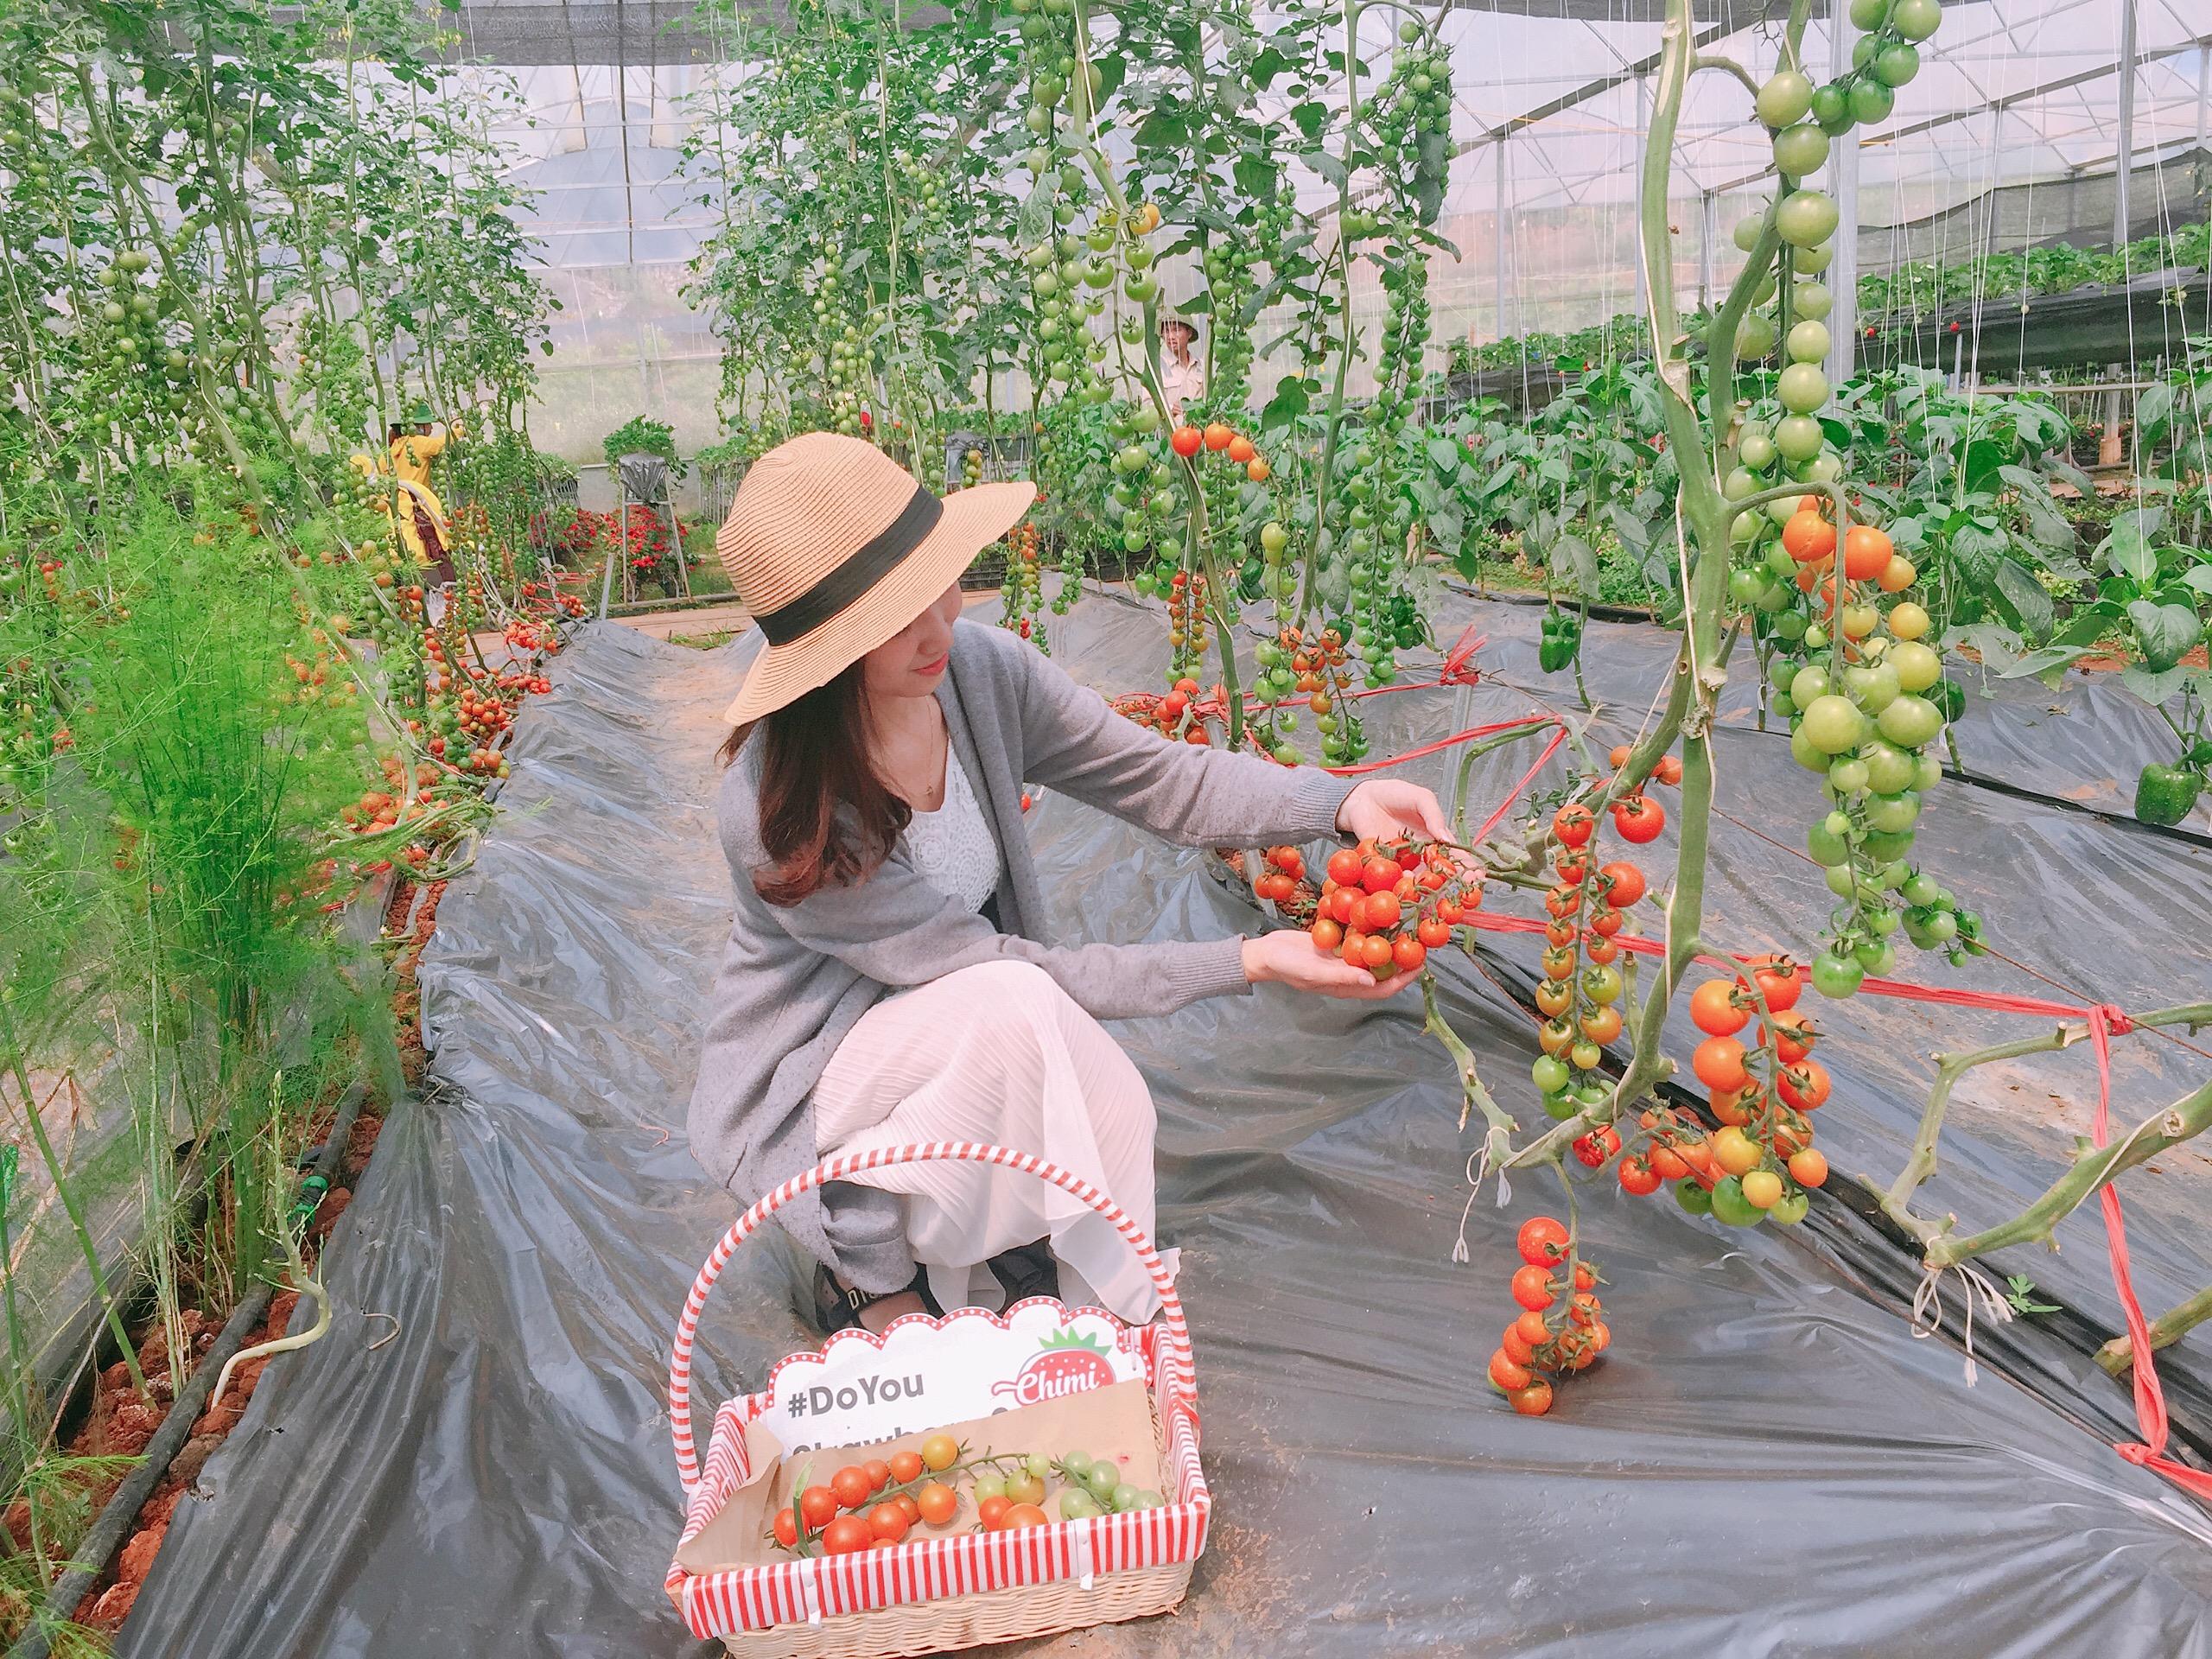 Ngoài dâu tây Chimi Farm còn nhiều loại thực phẩm sạch theo chuẩn VietGAP